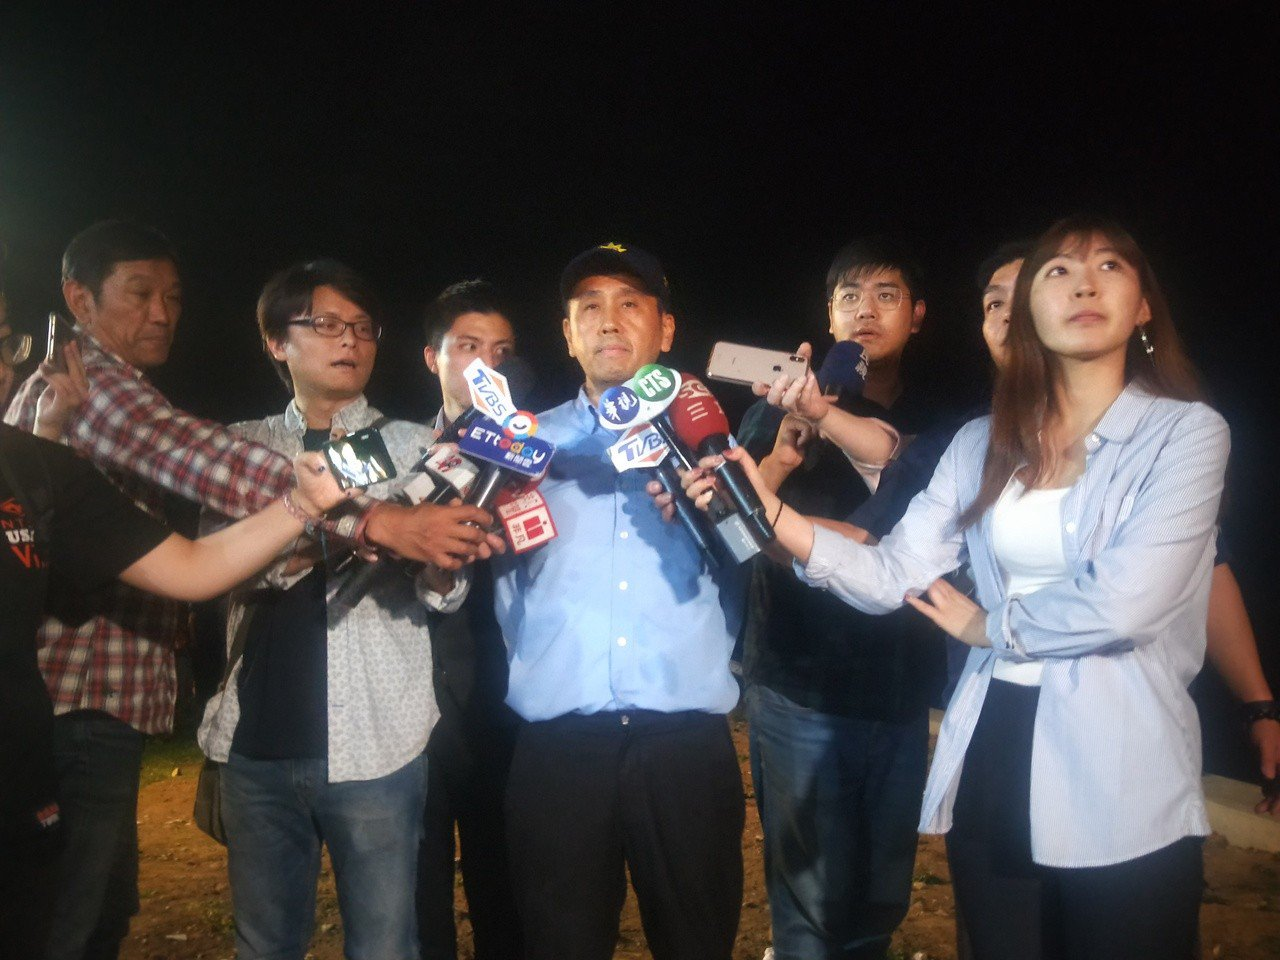 警方表示,從身形、衣著懷疑死者是涉嫌殺害兒女的吳姓男子,身上沒有外傷,初判是溺水...